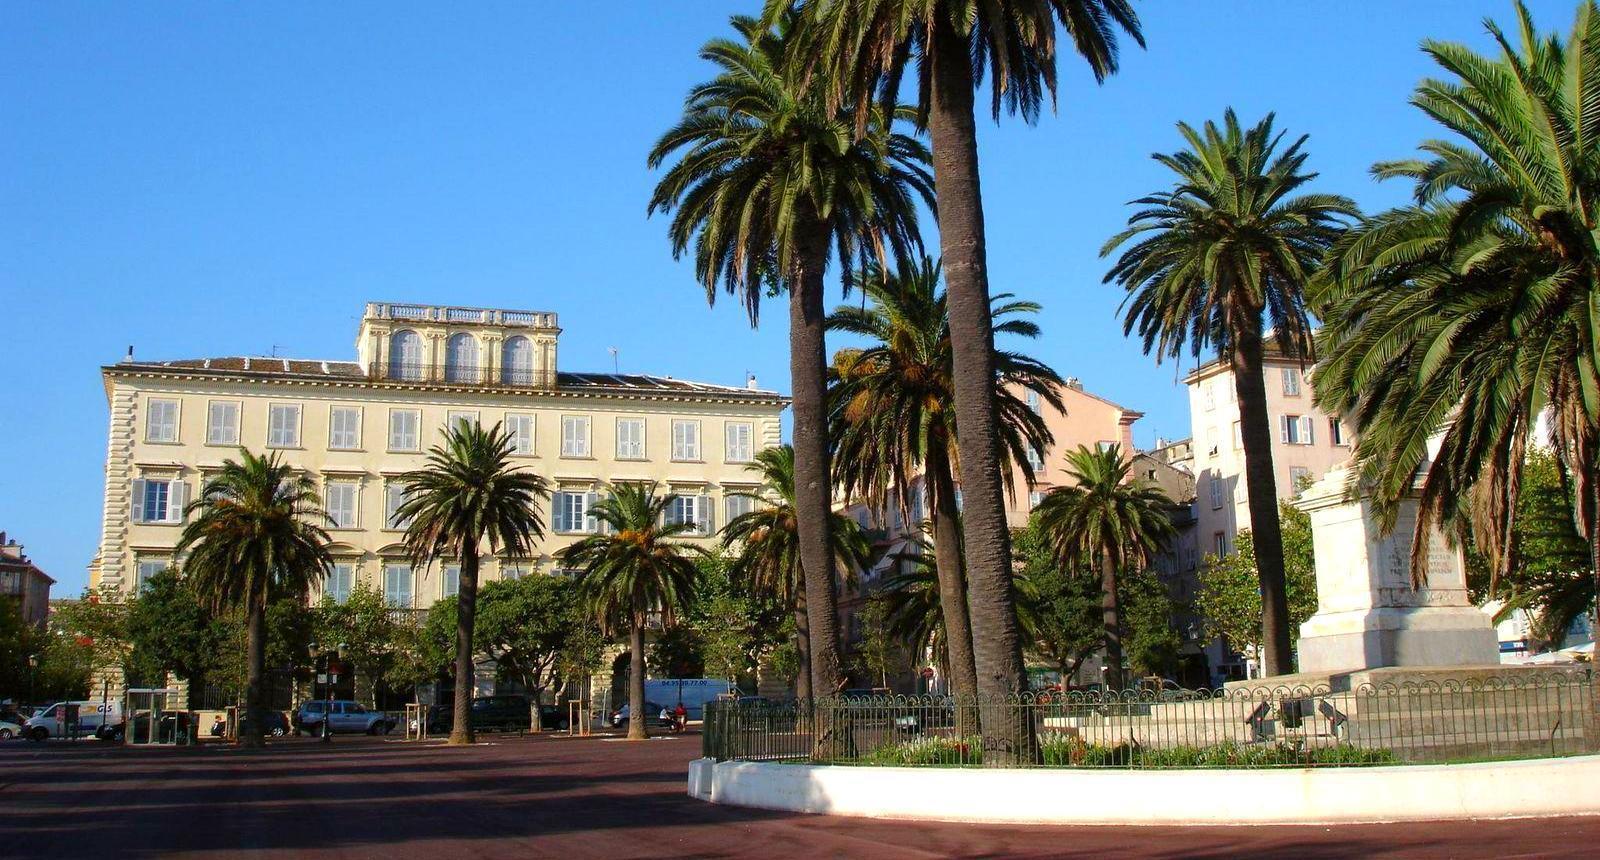 Bastia, la Place Saint-Nicolas